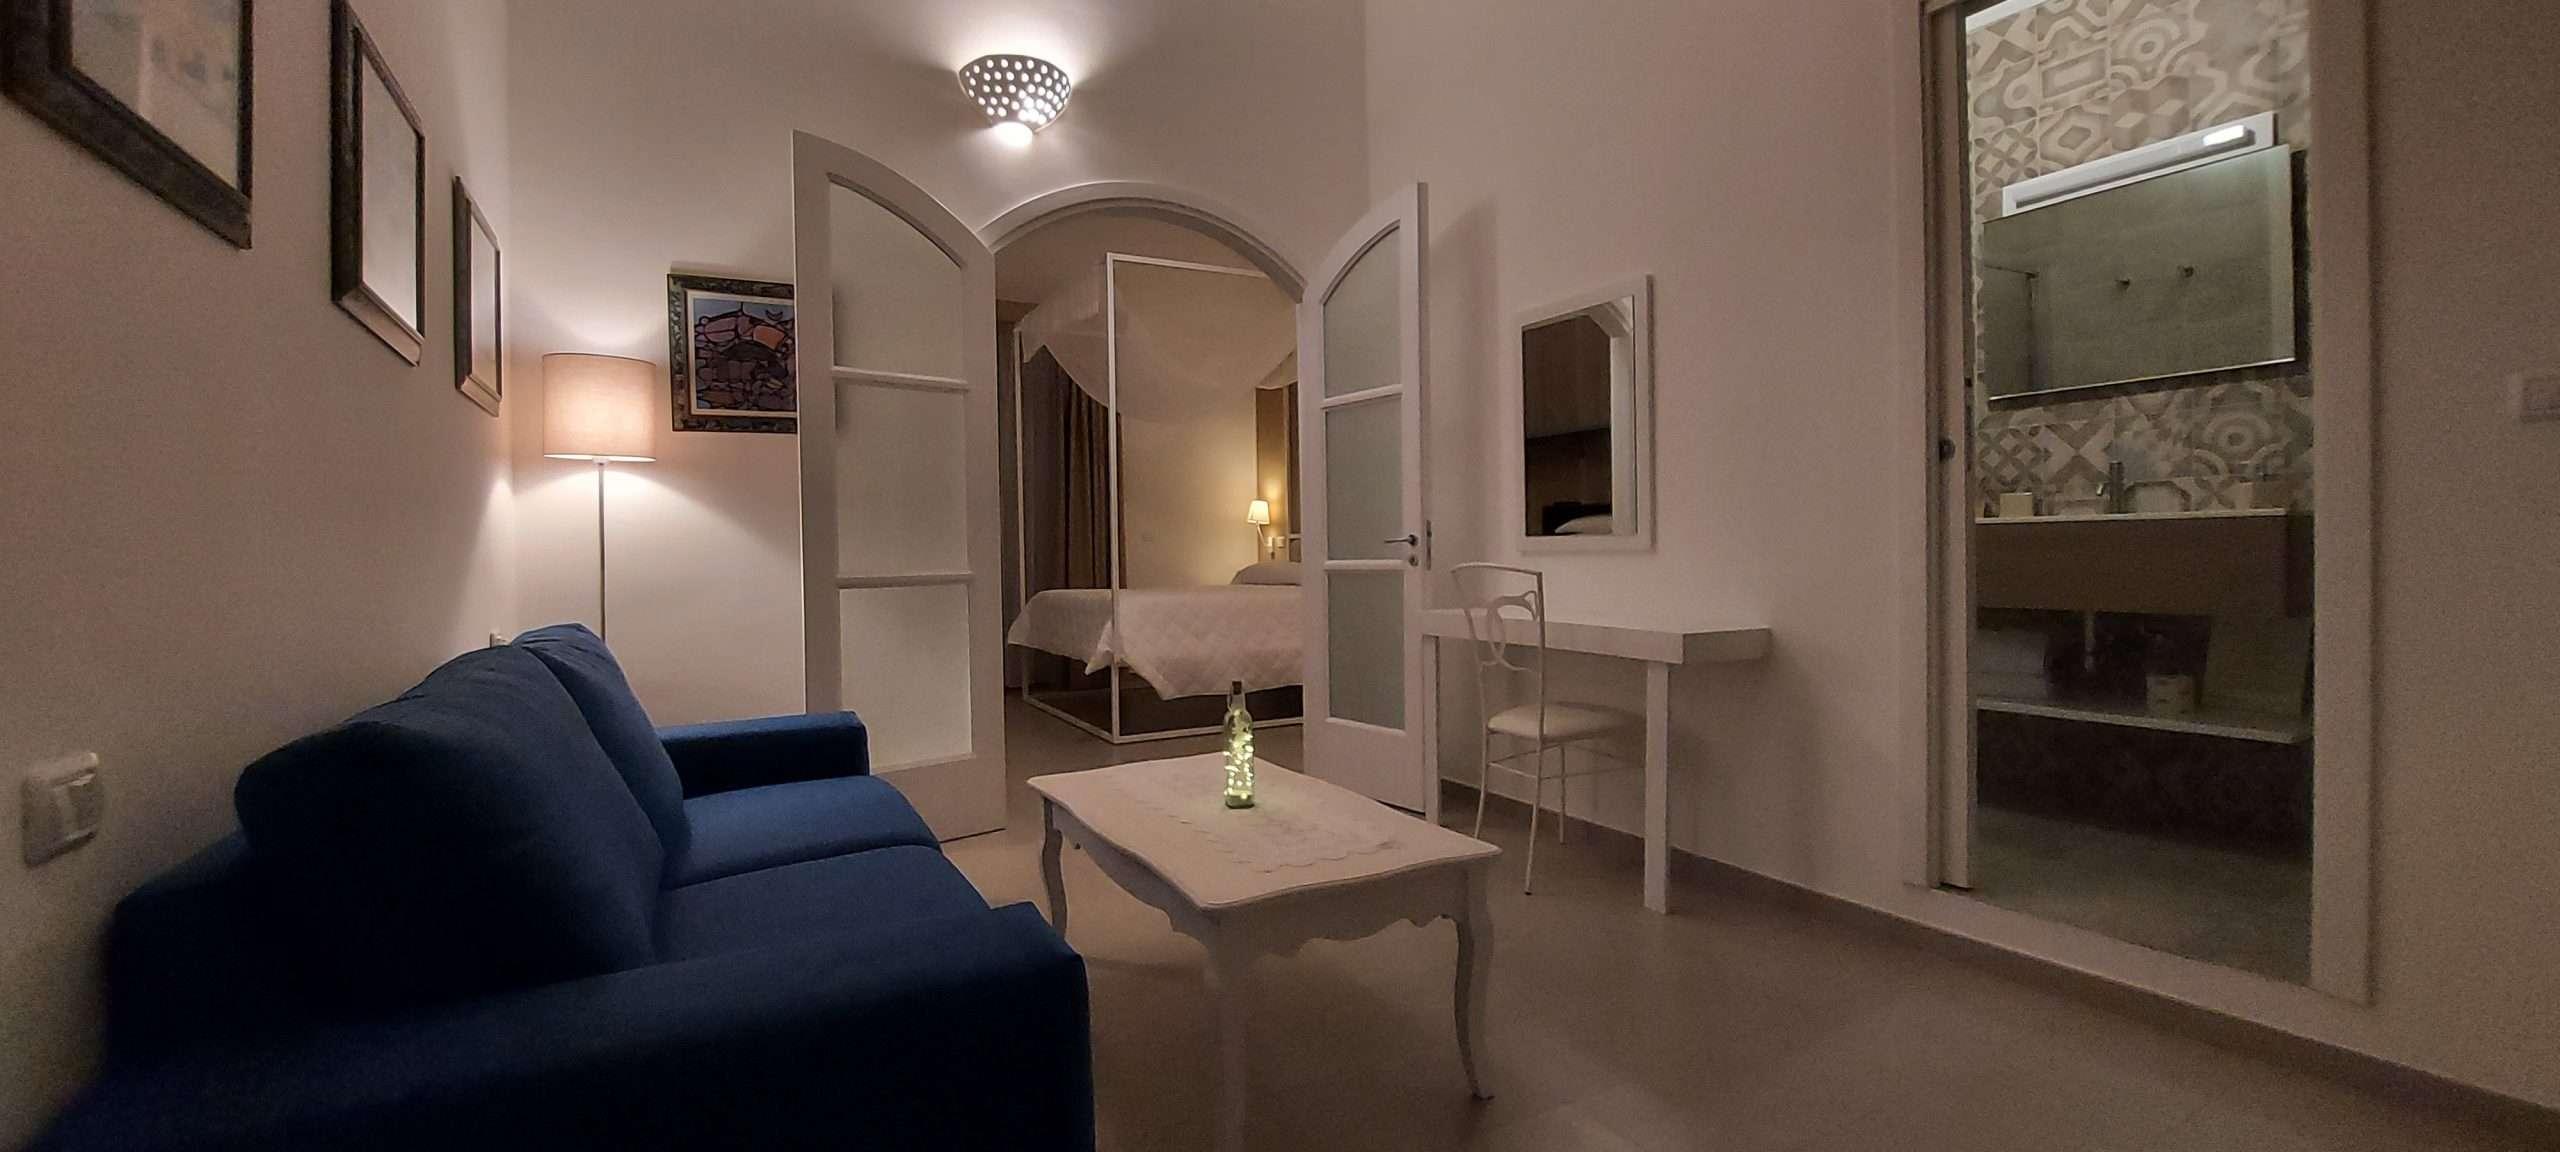 Superior Room - La locanda della castellana